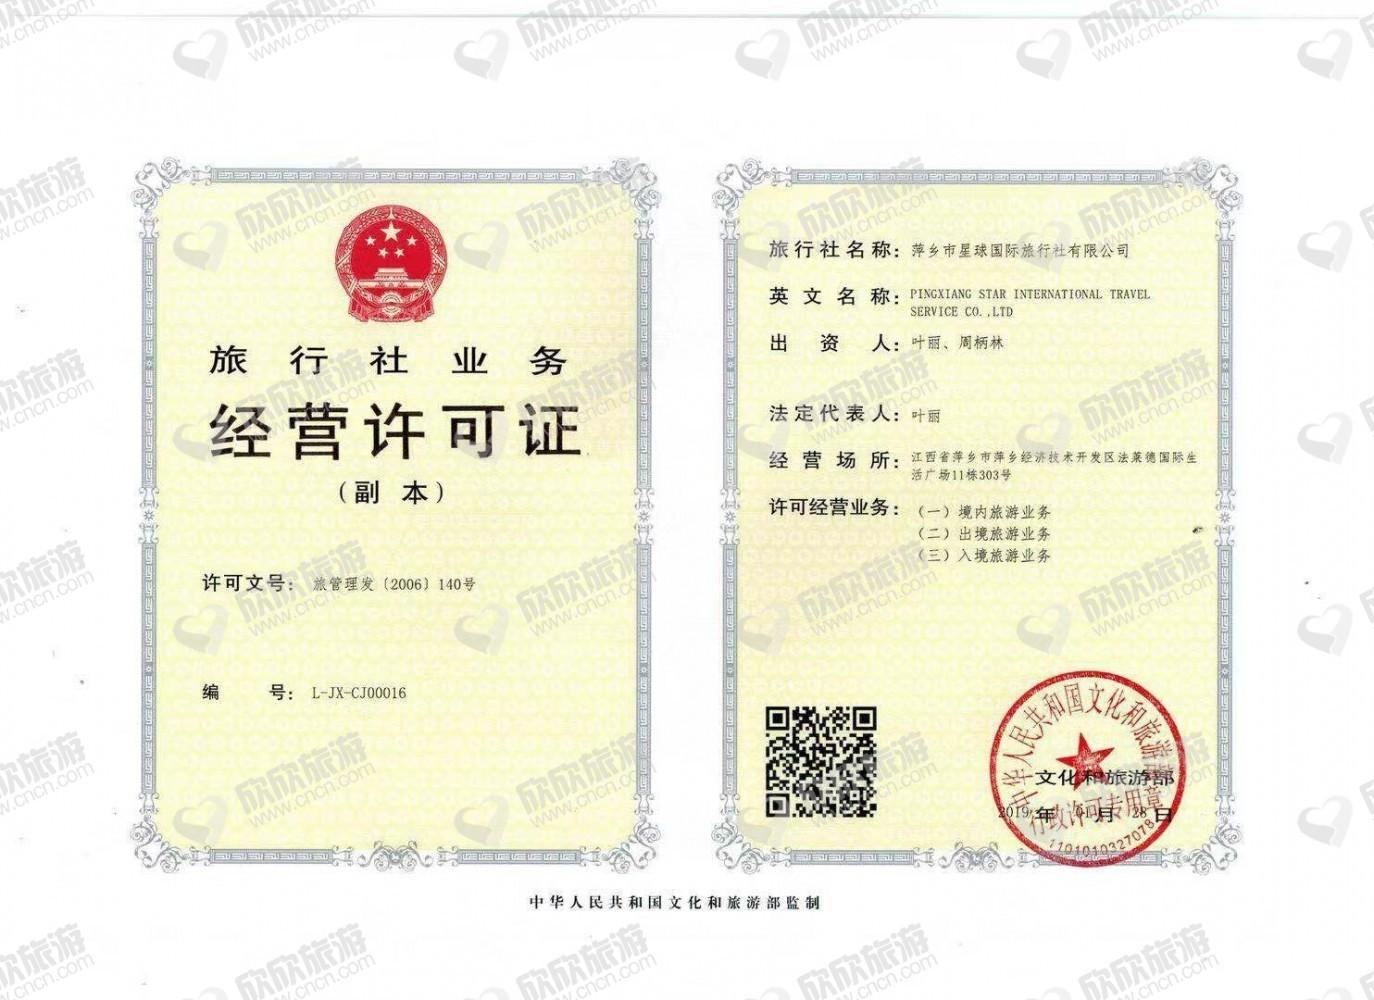 萍乡市星球国际旅行社有限公司滨河门市部经营许可证